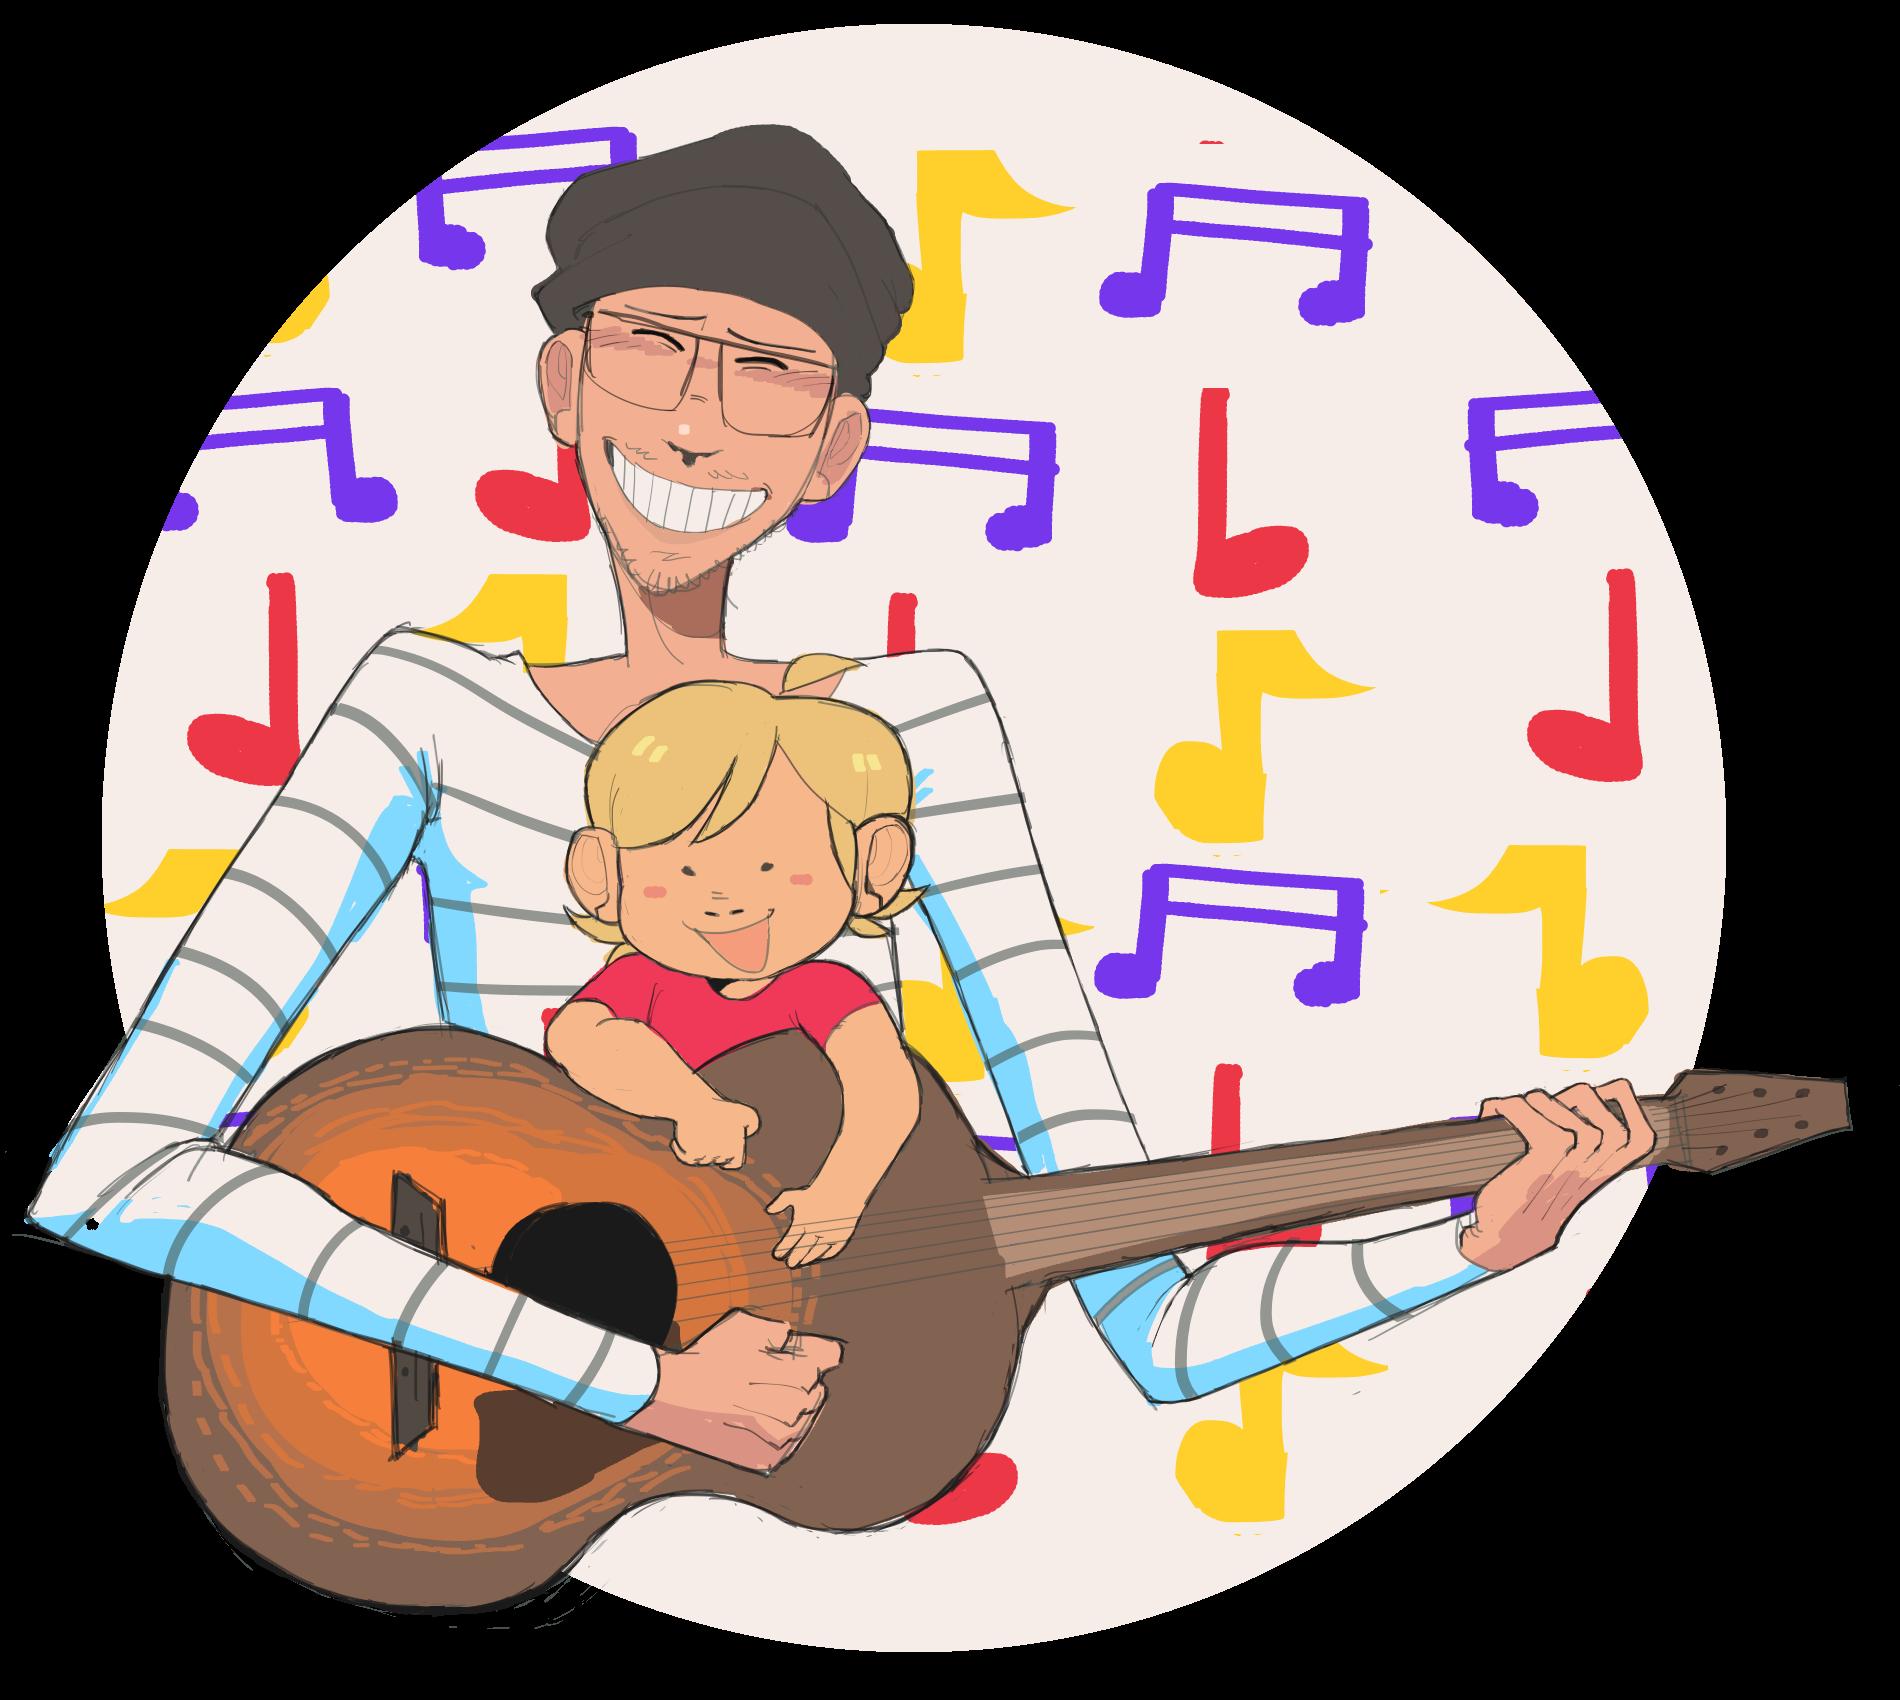 Mr. Jeff - Fun ChILDREN'S MUSIC FROM A PRESCHOOL TEACHER